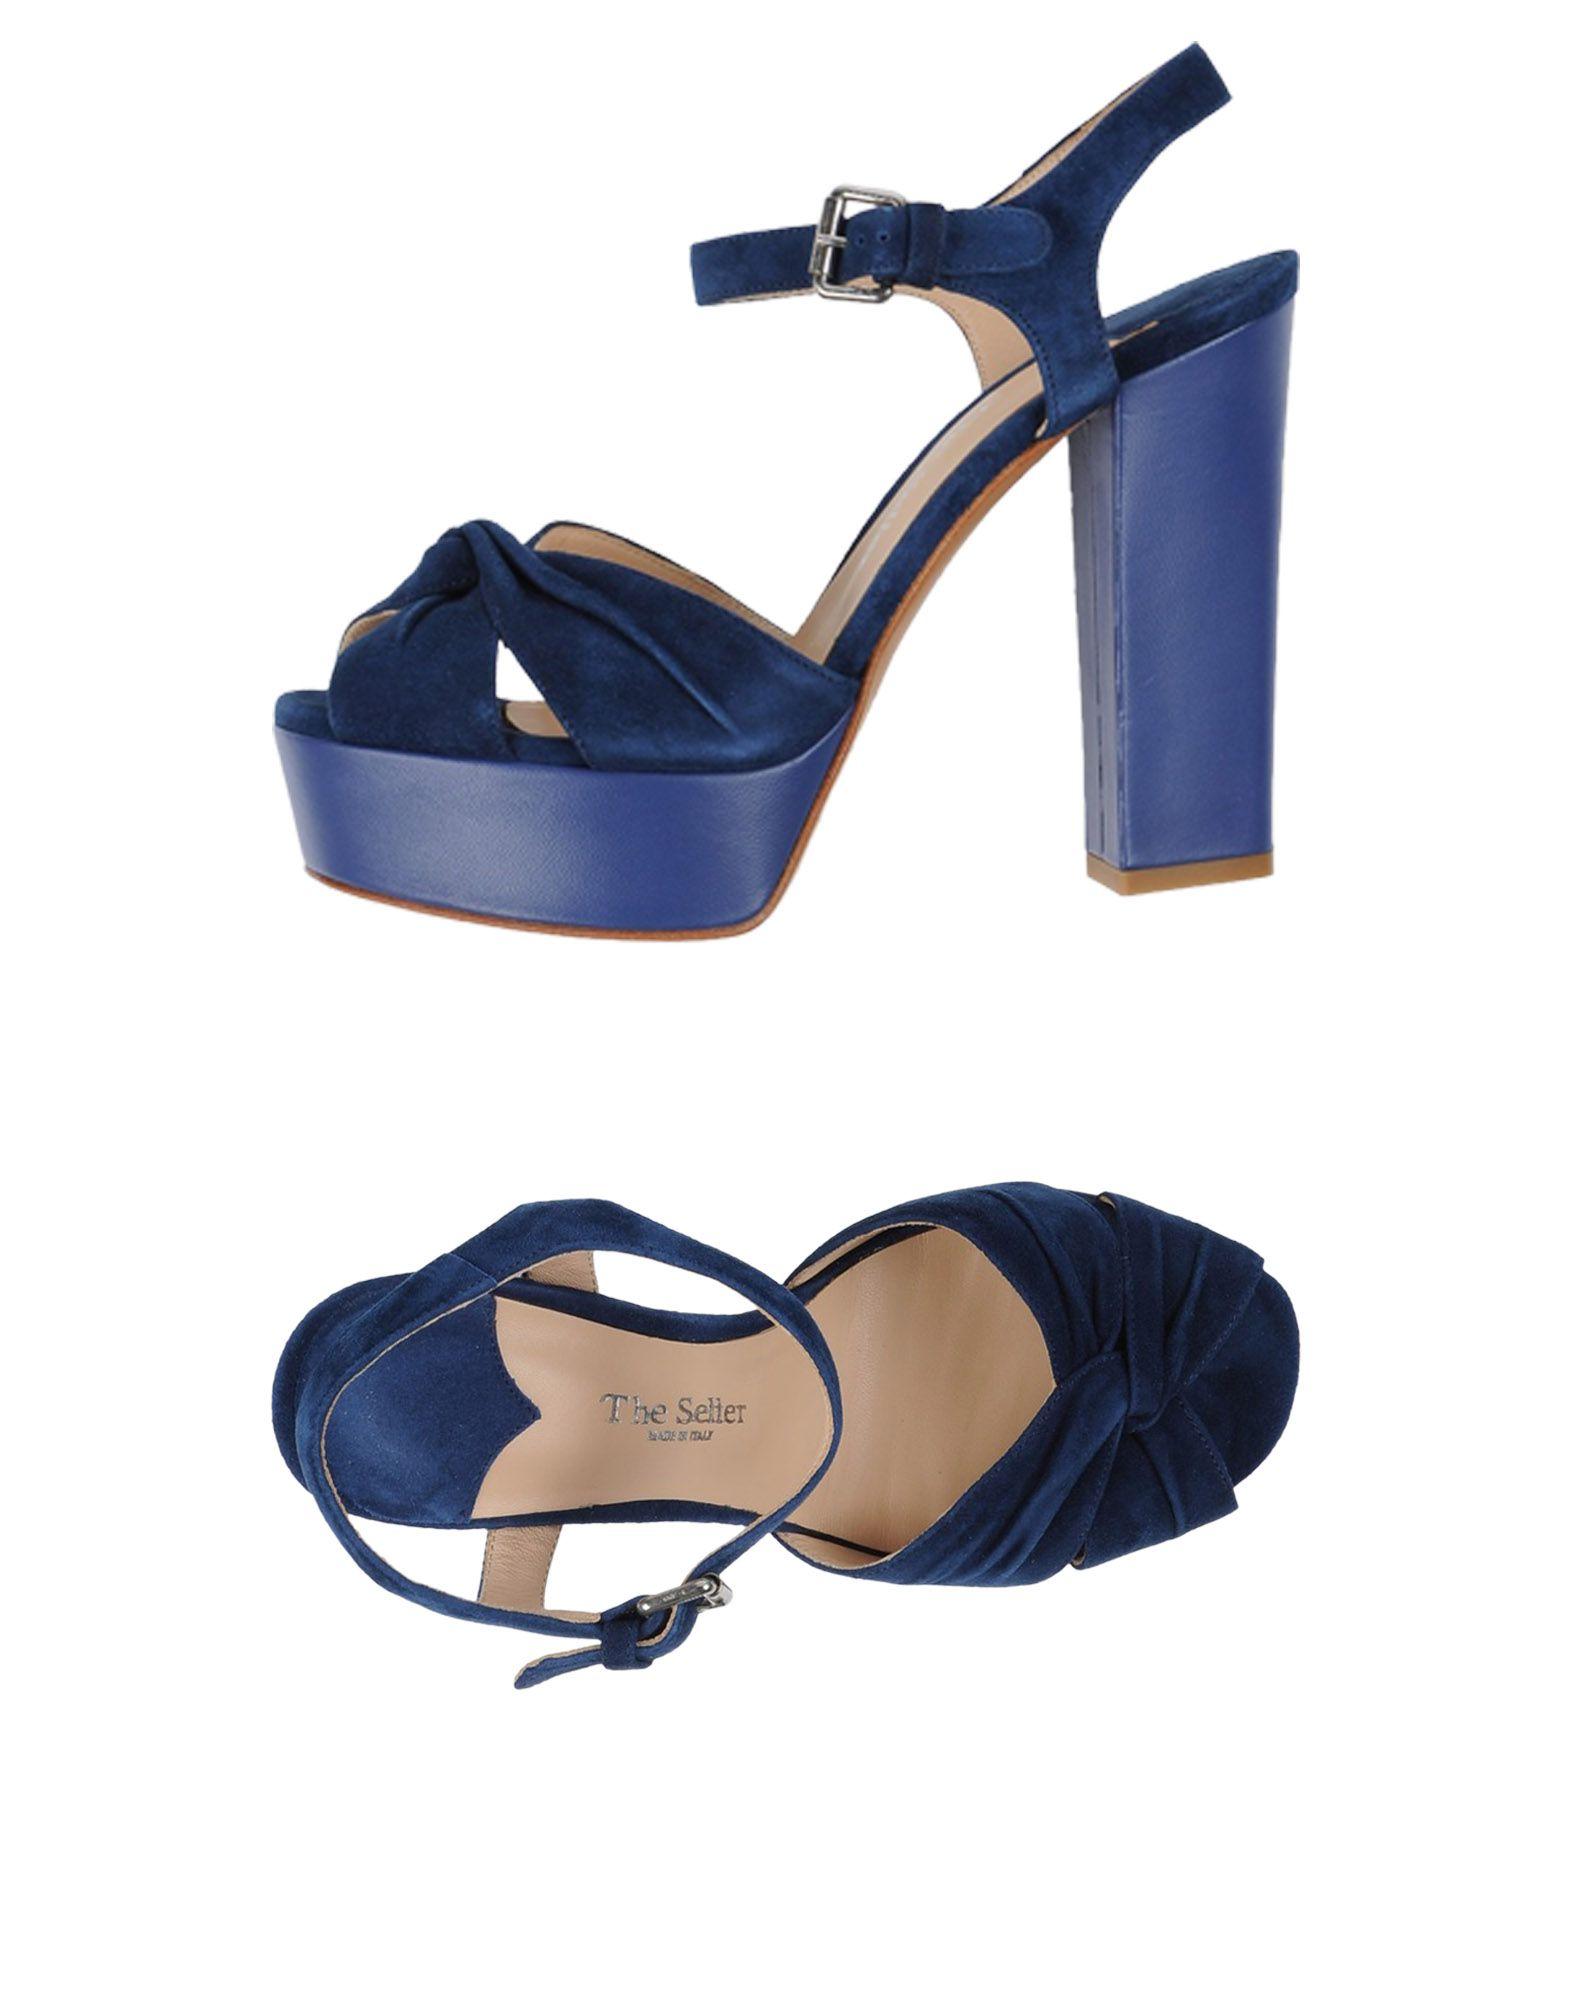 The Seller Sandalen Damen  11344173PM Gute Qualität beliebte Schuhe